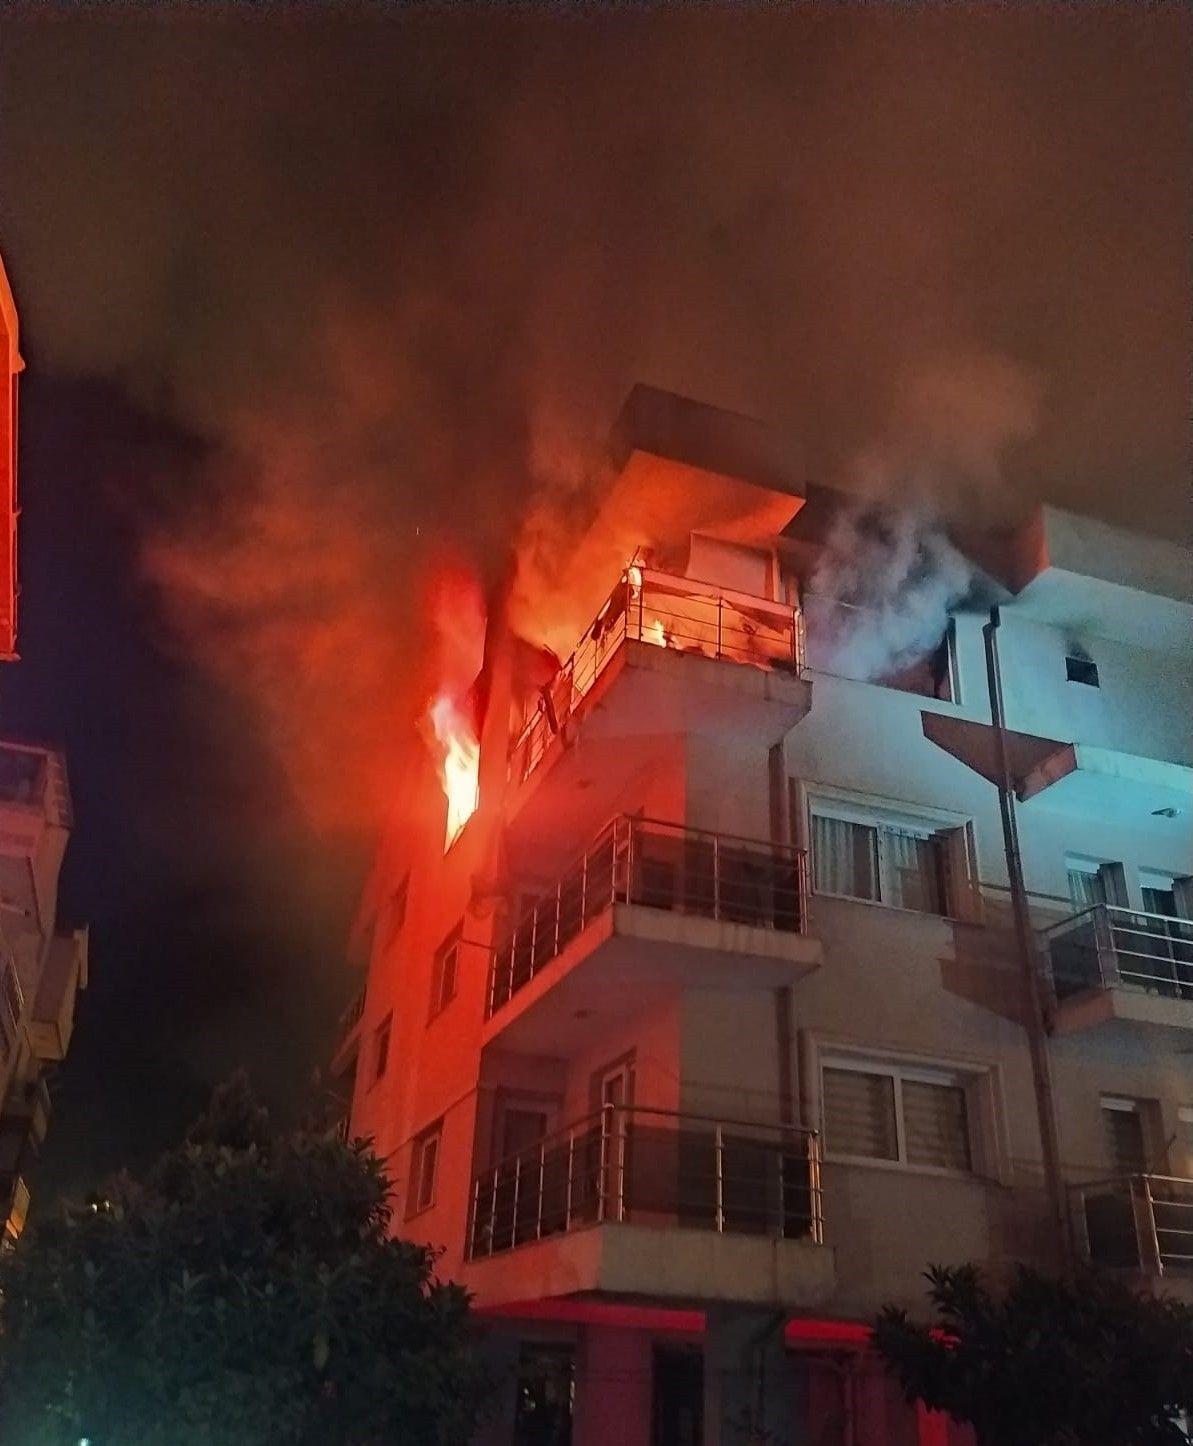 Aydın'da eşi ve çocukları içerdeyken evi ateşe verdi! Yanmaktan son anda kurtuldular